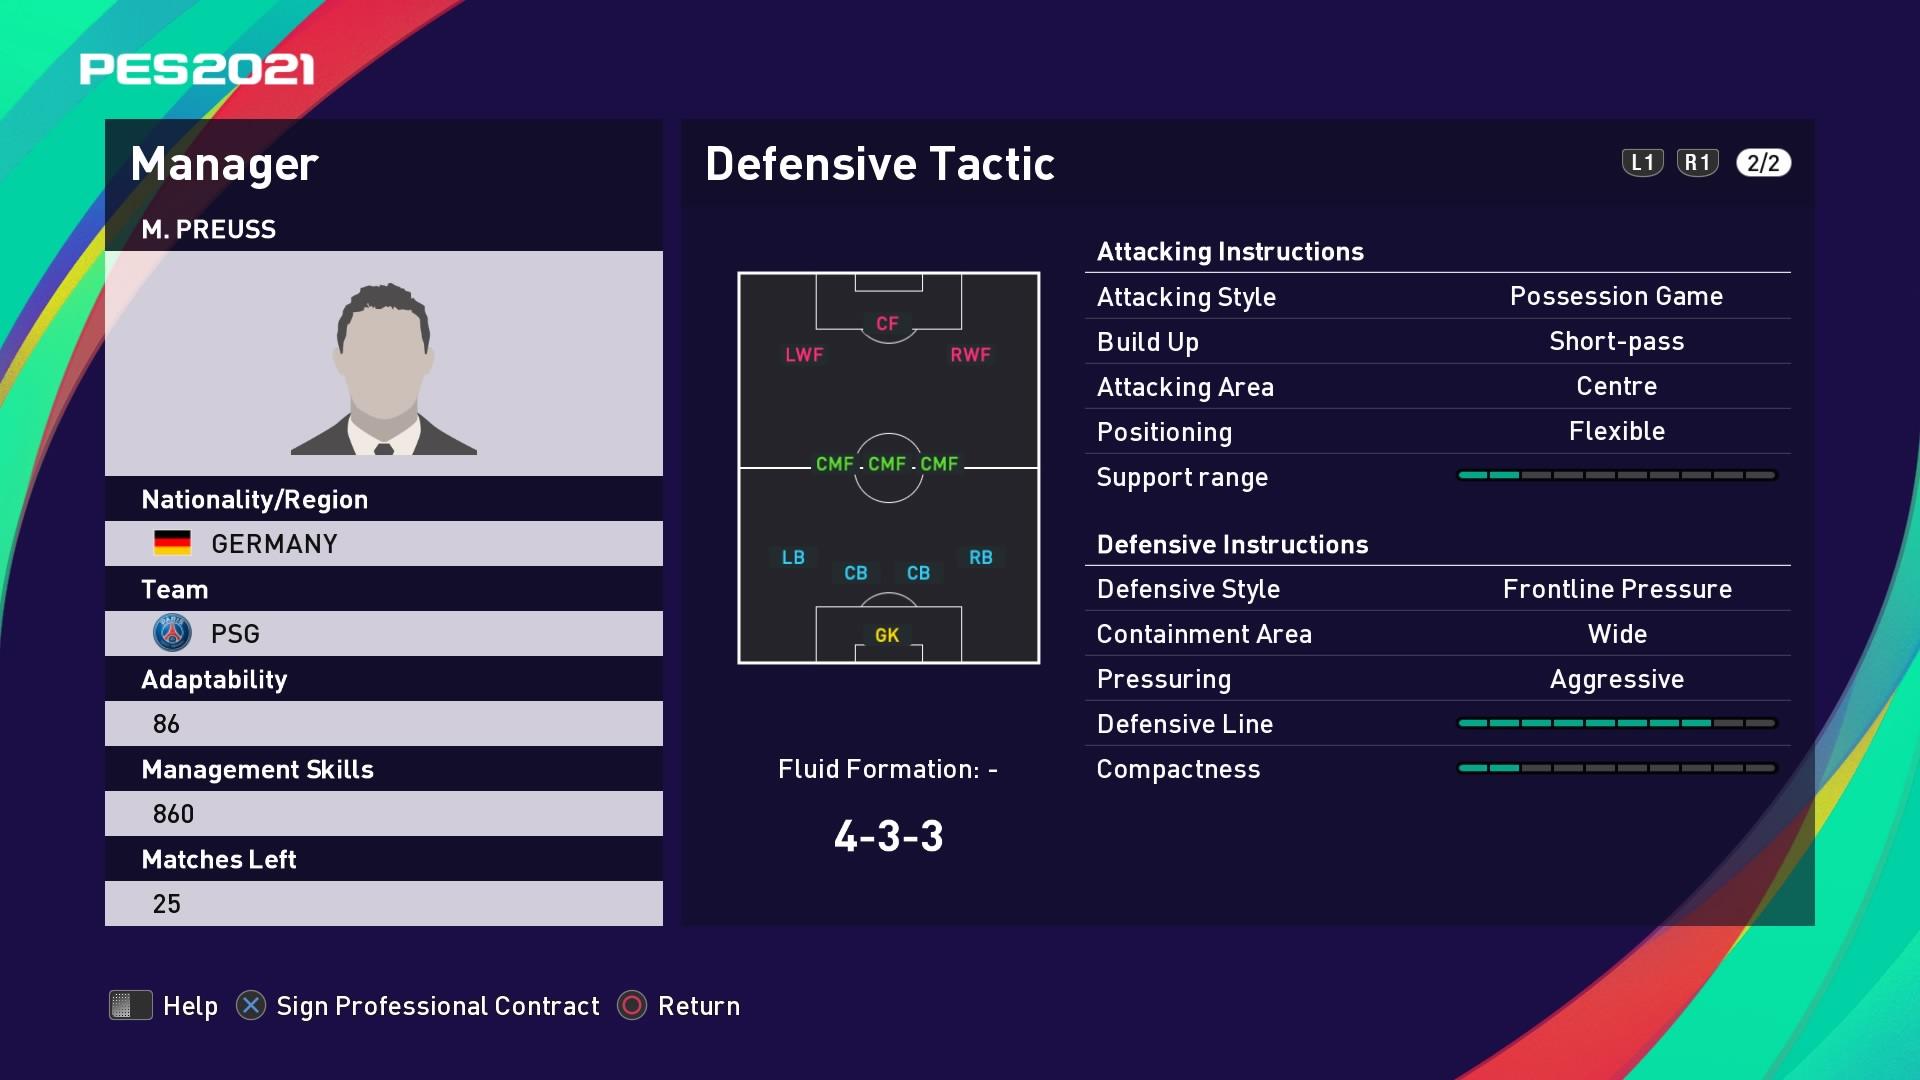 M. Preuss (2) (Thomas Tuchel) Defensive Tactic in PES 2021 myClub